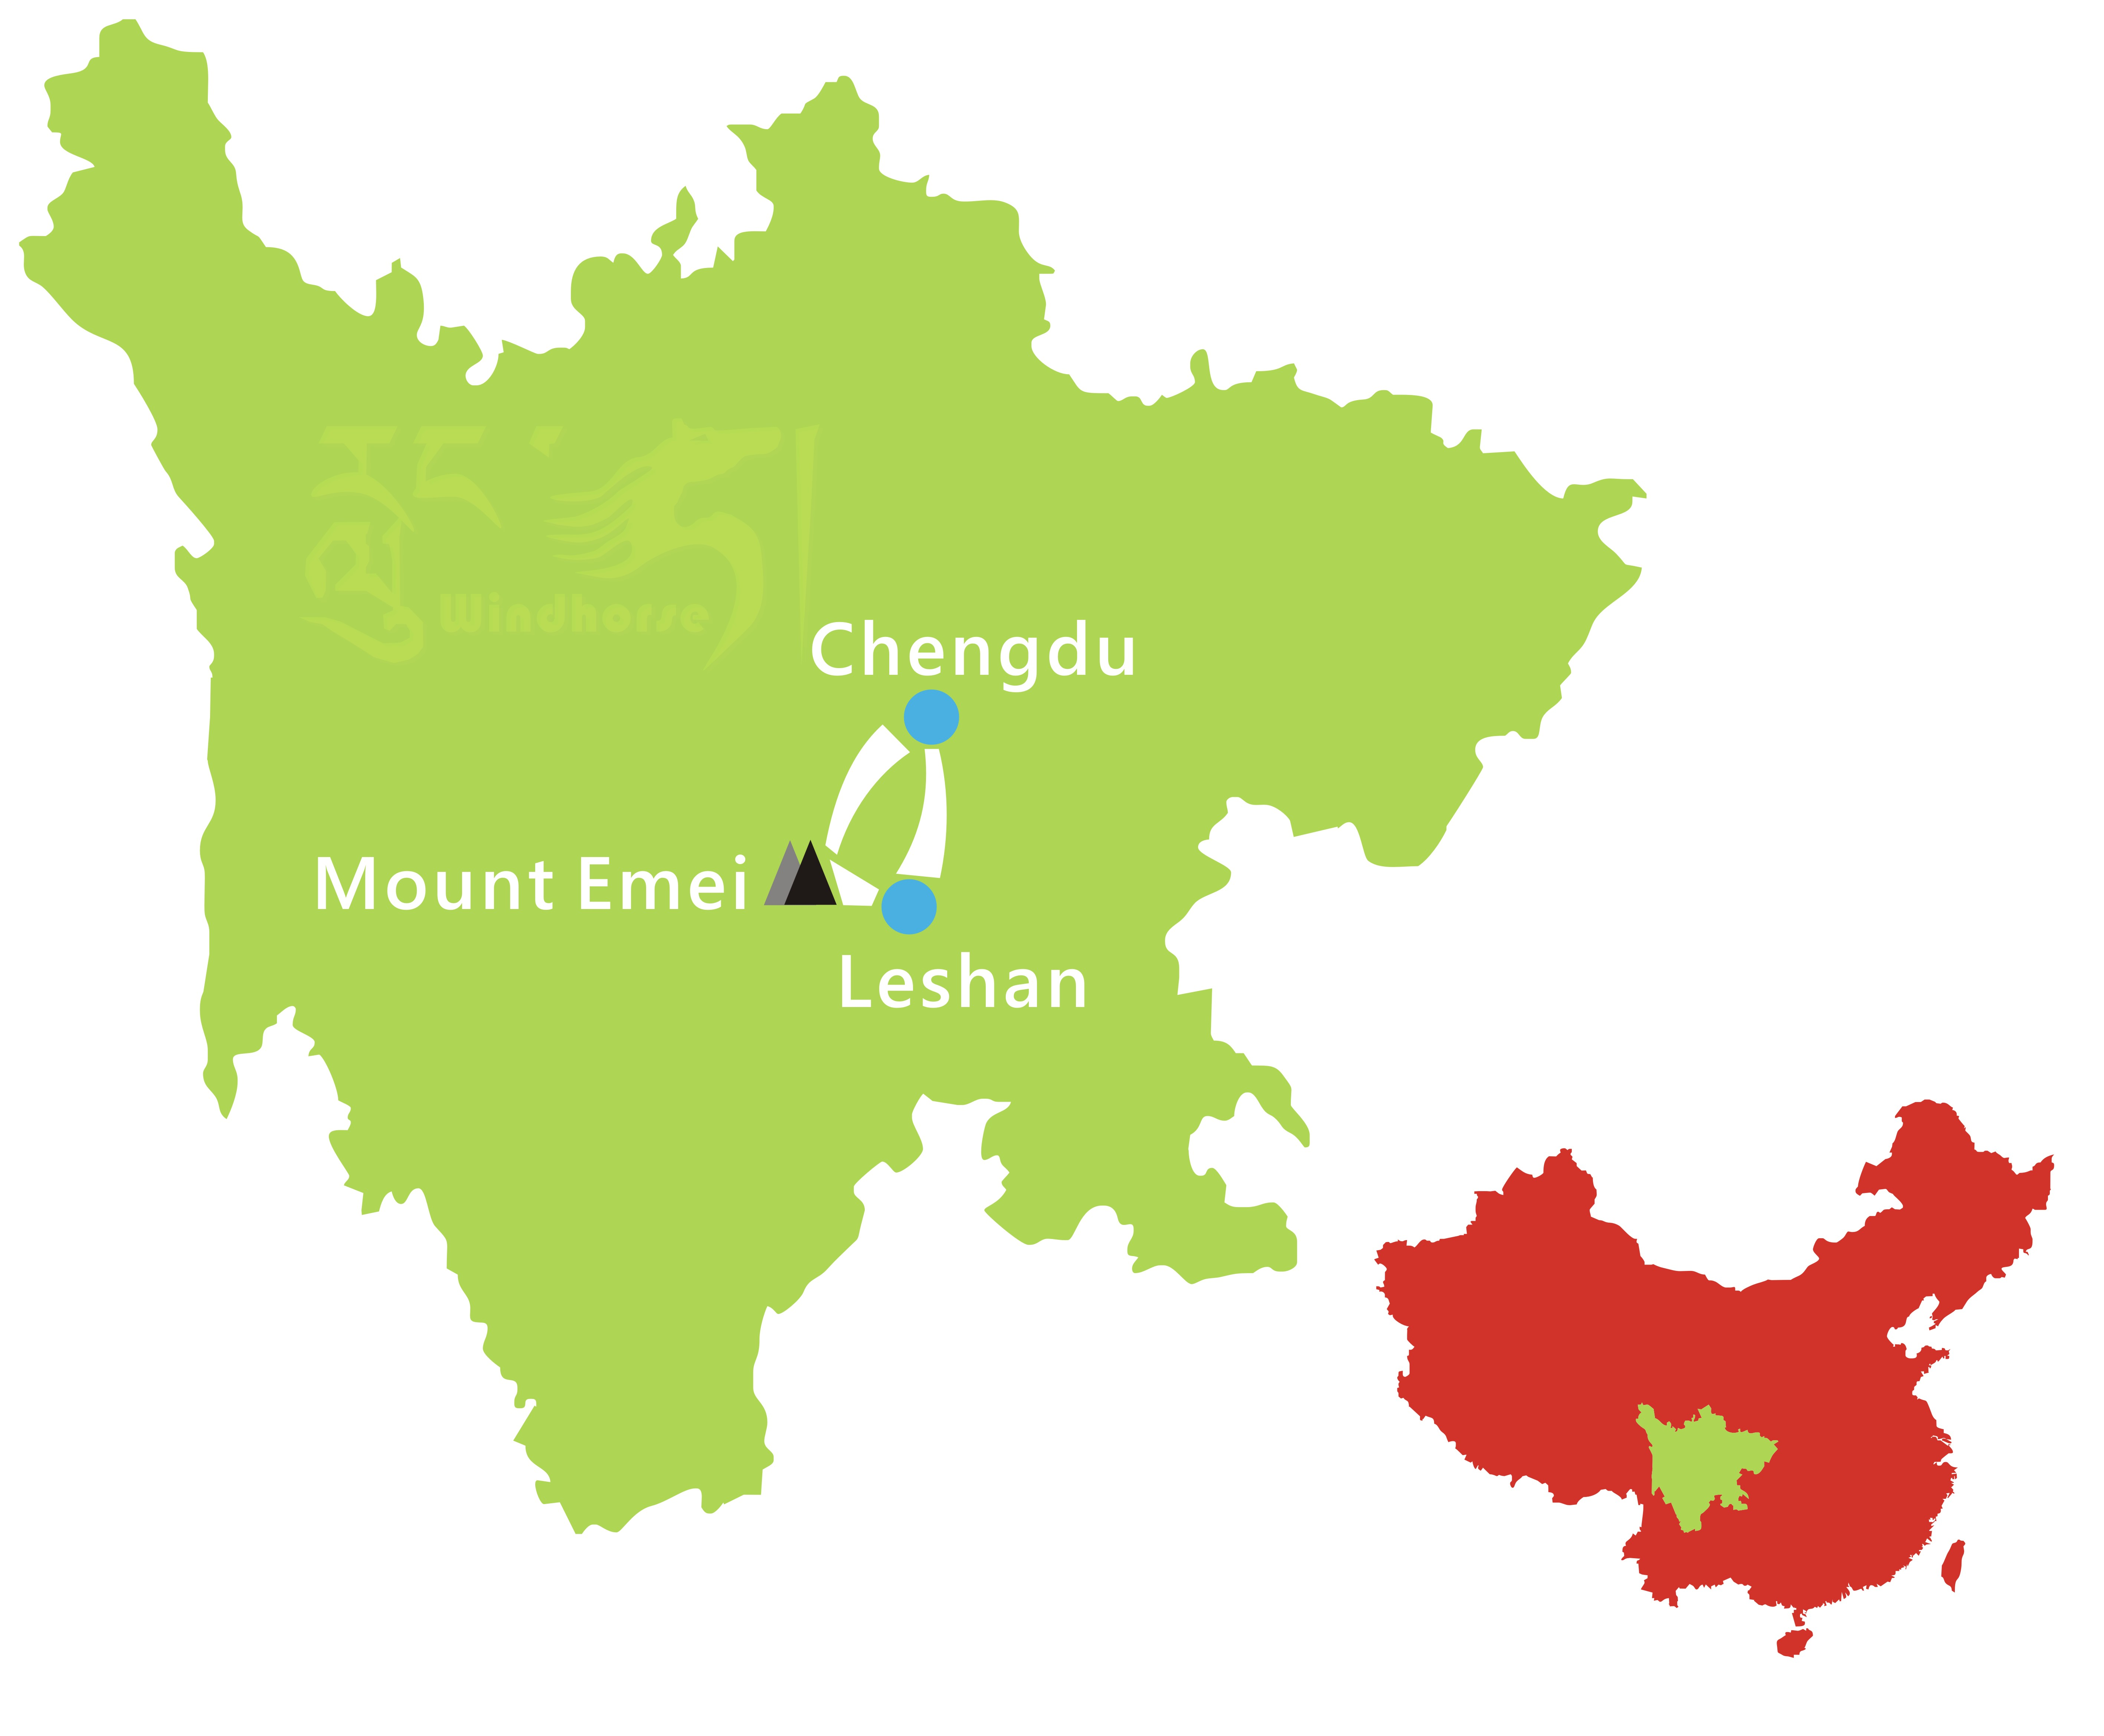 Sichuan Mount Emei Tour Route